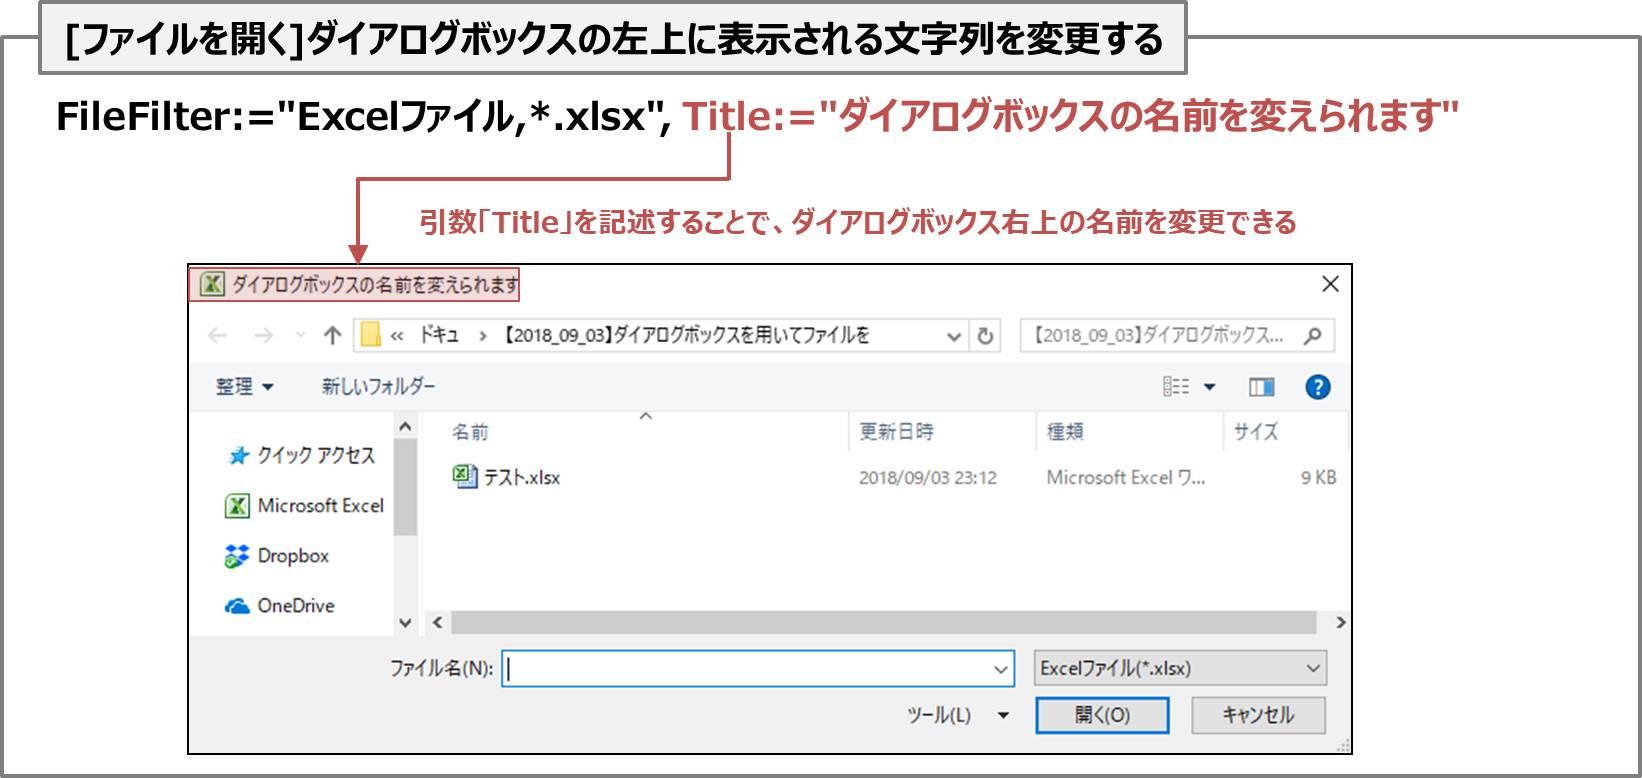 [ファイルを開く]ダイアログボックスの左上に表示される文字列を変更する